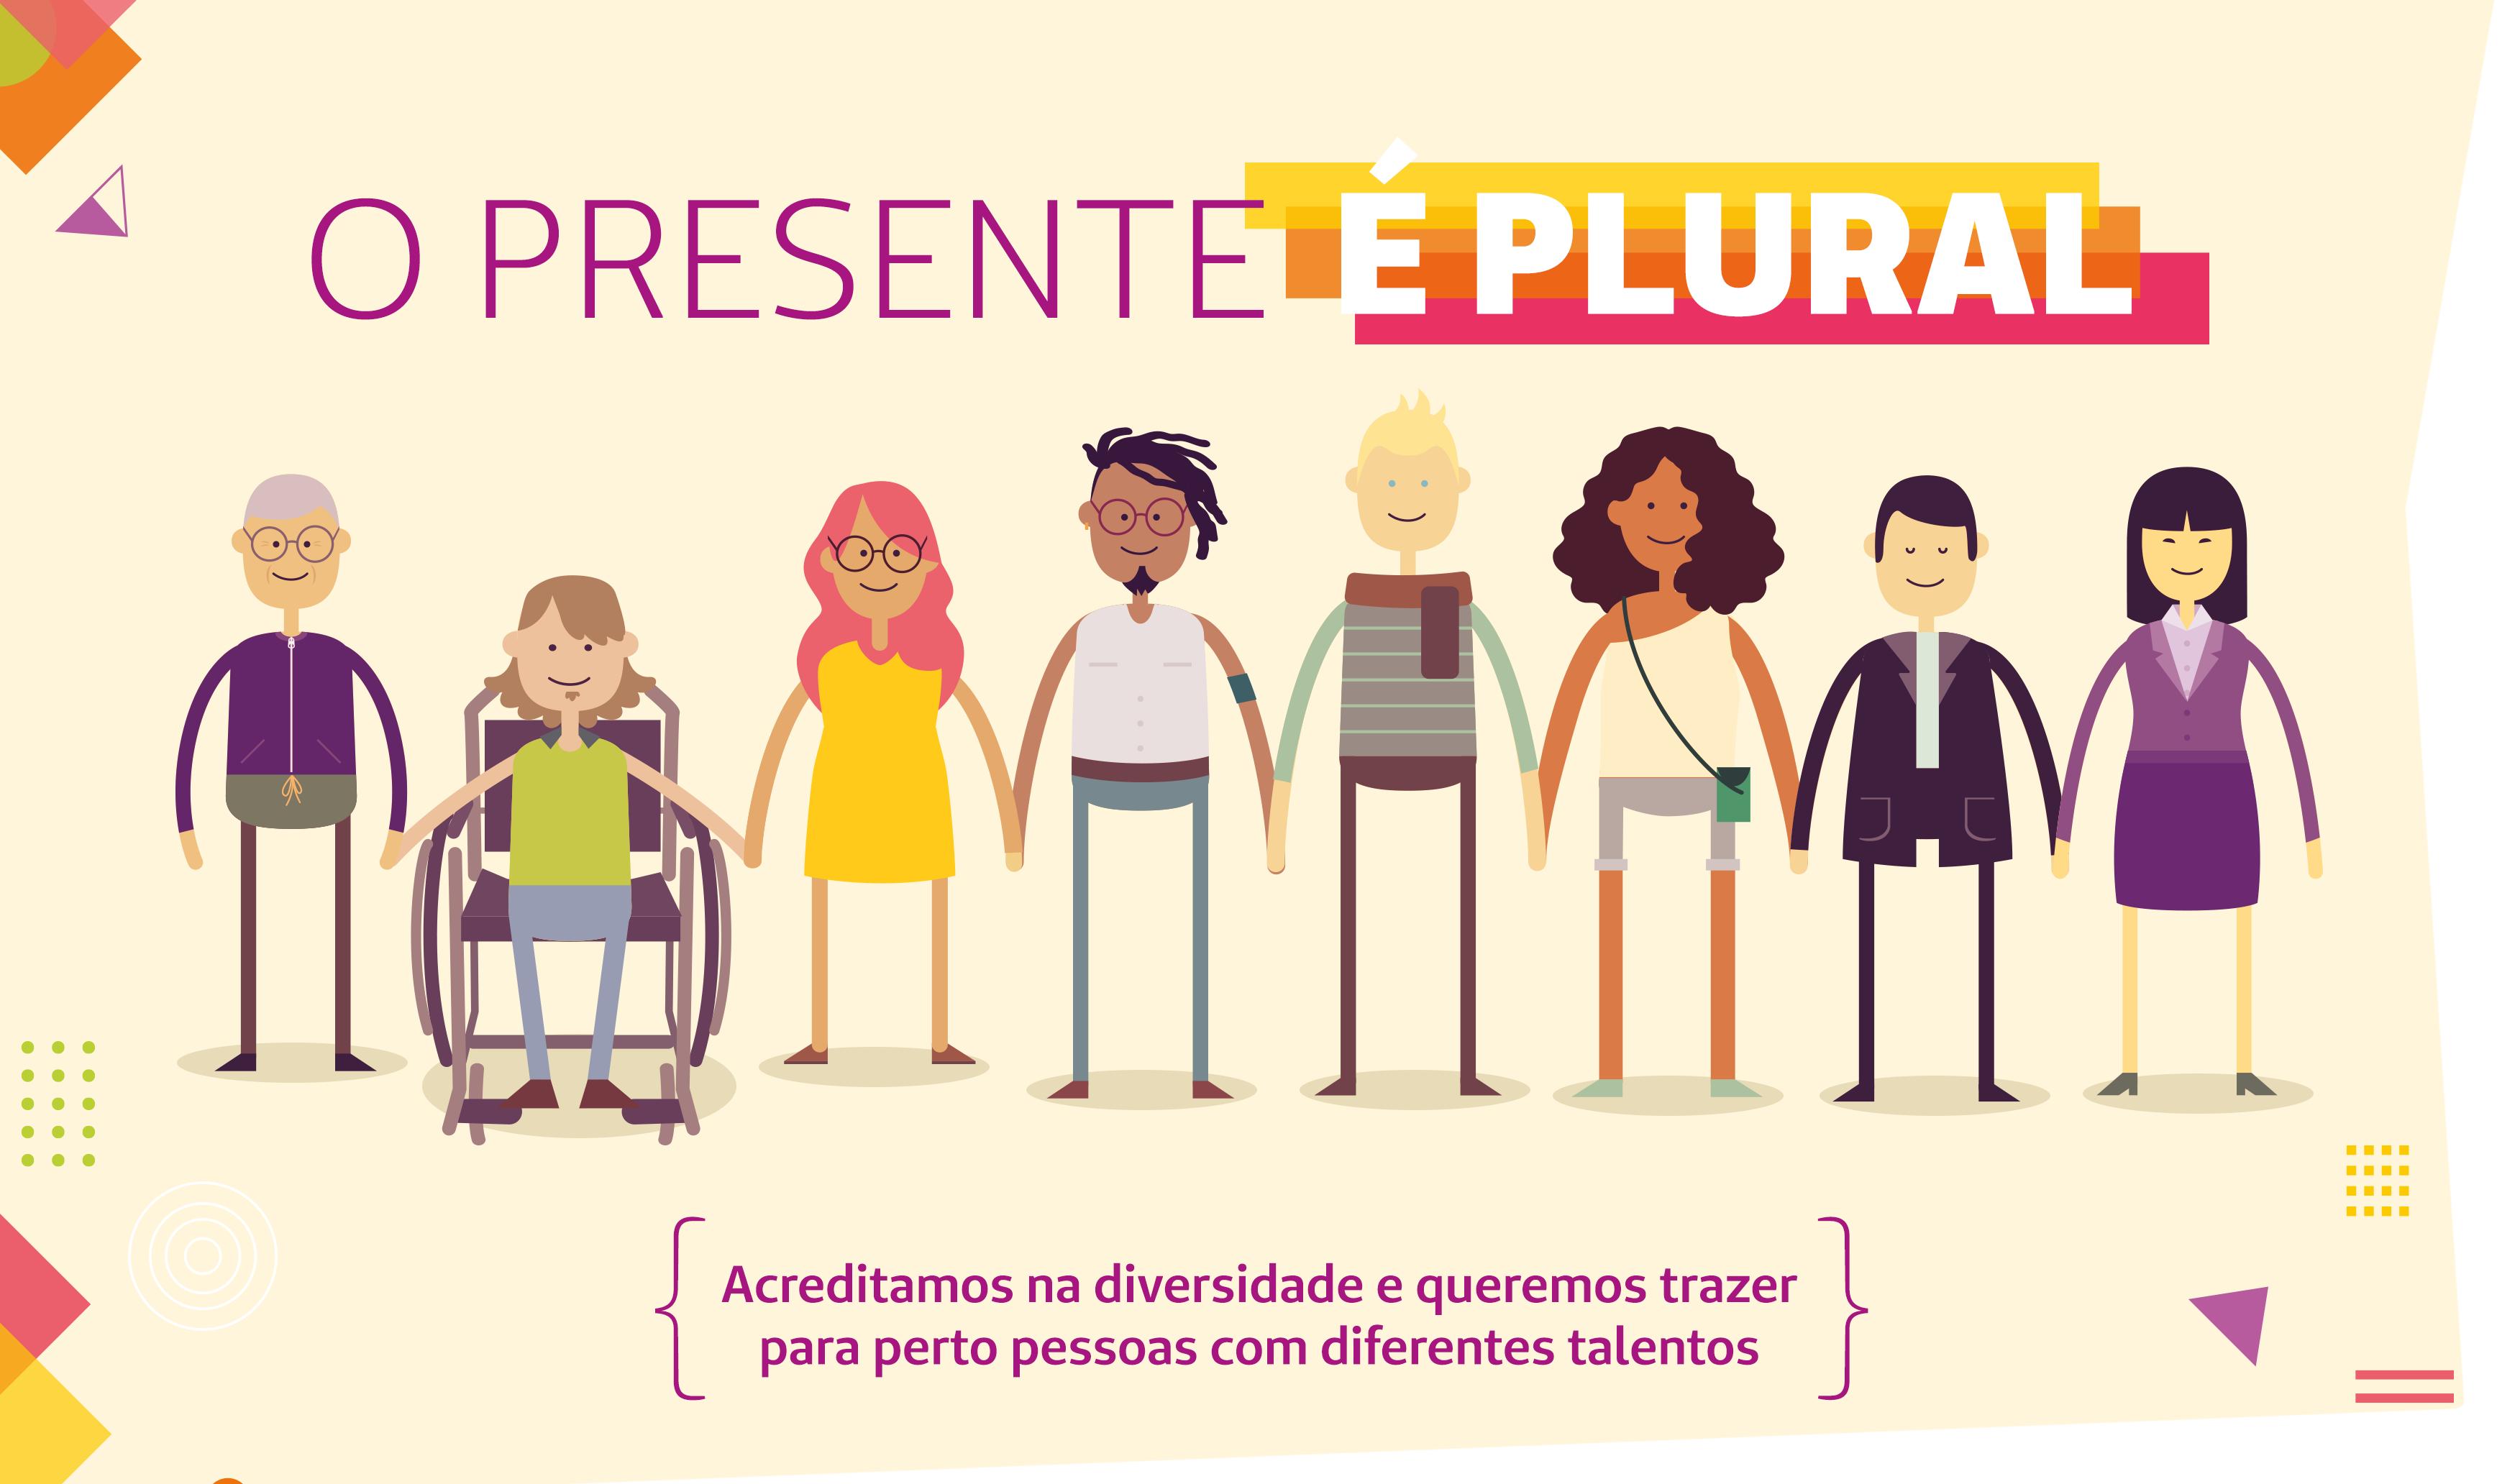 Imagem mostra ilustrações de pessoas que exemplificam um pouco da diversidade em nossa sociedade: pessoas em cadeiras de rodas, loiros, morenos, jovens, idosos, etc.